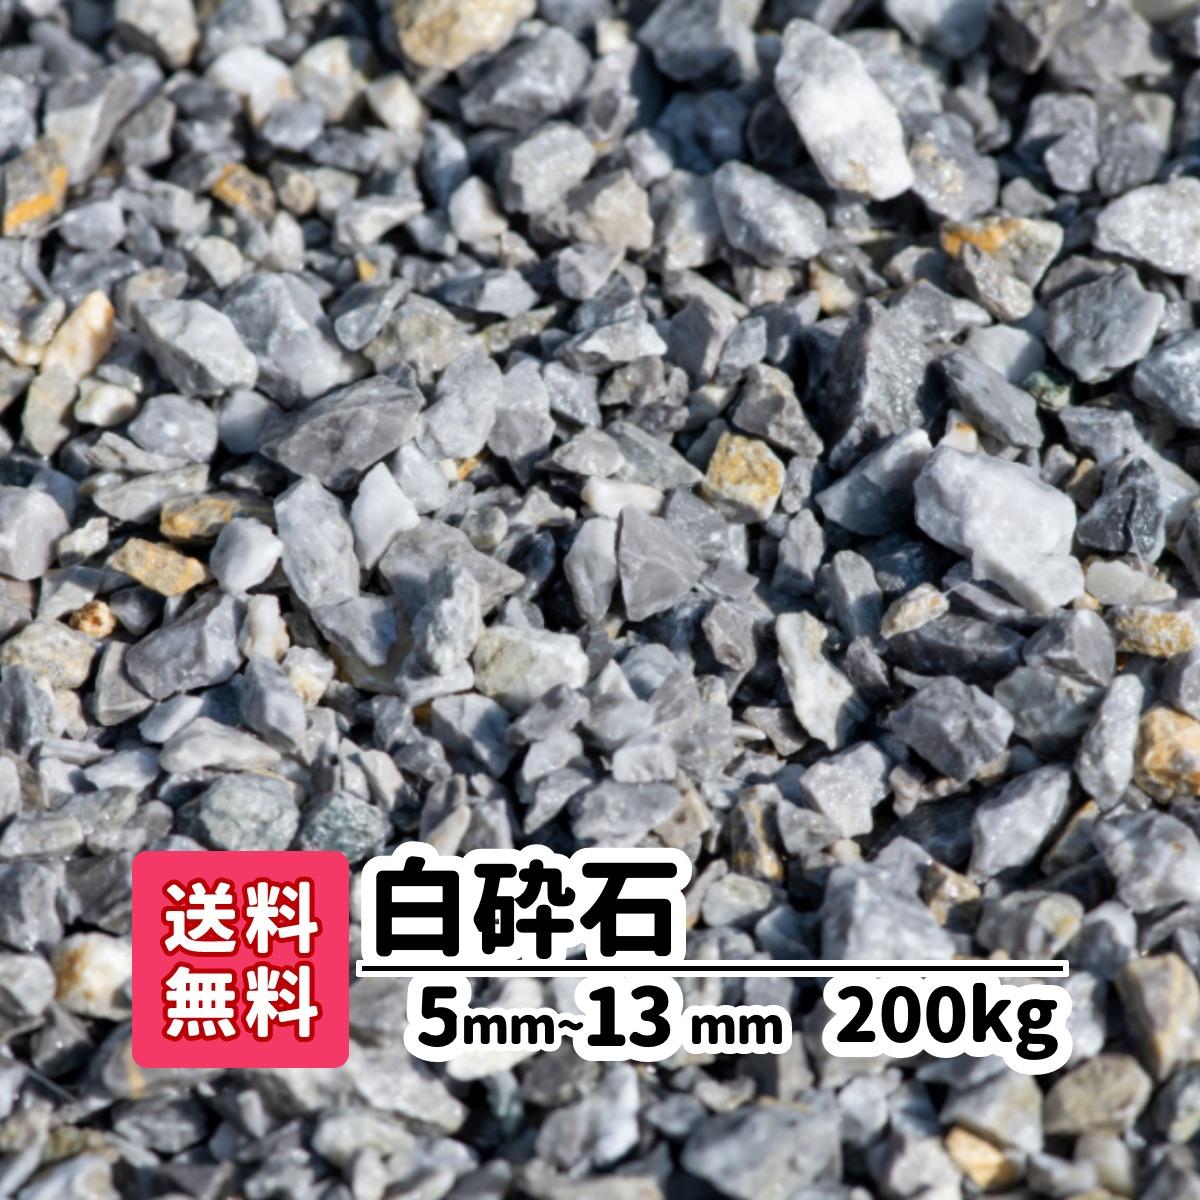 【送料無料】200kg 白 白砕石 5mm~13mm(20kg×10)砕石 庭 アプローチ 防犯砂利 おしゃれ ガーデニング 駐車場 白い砂利 白い石 砂利